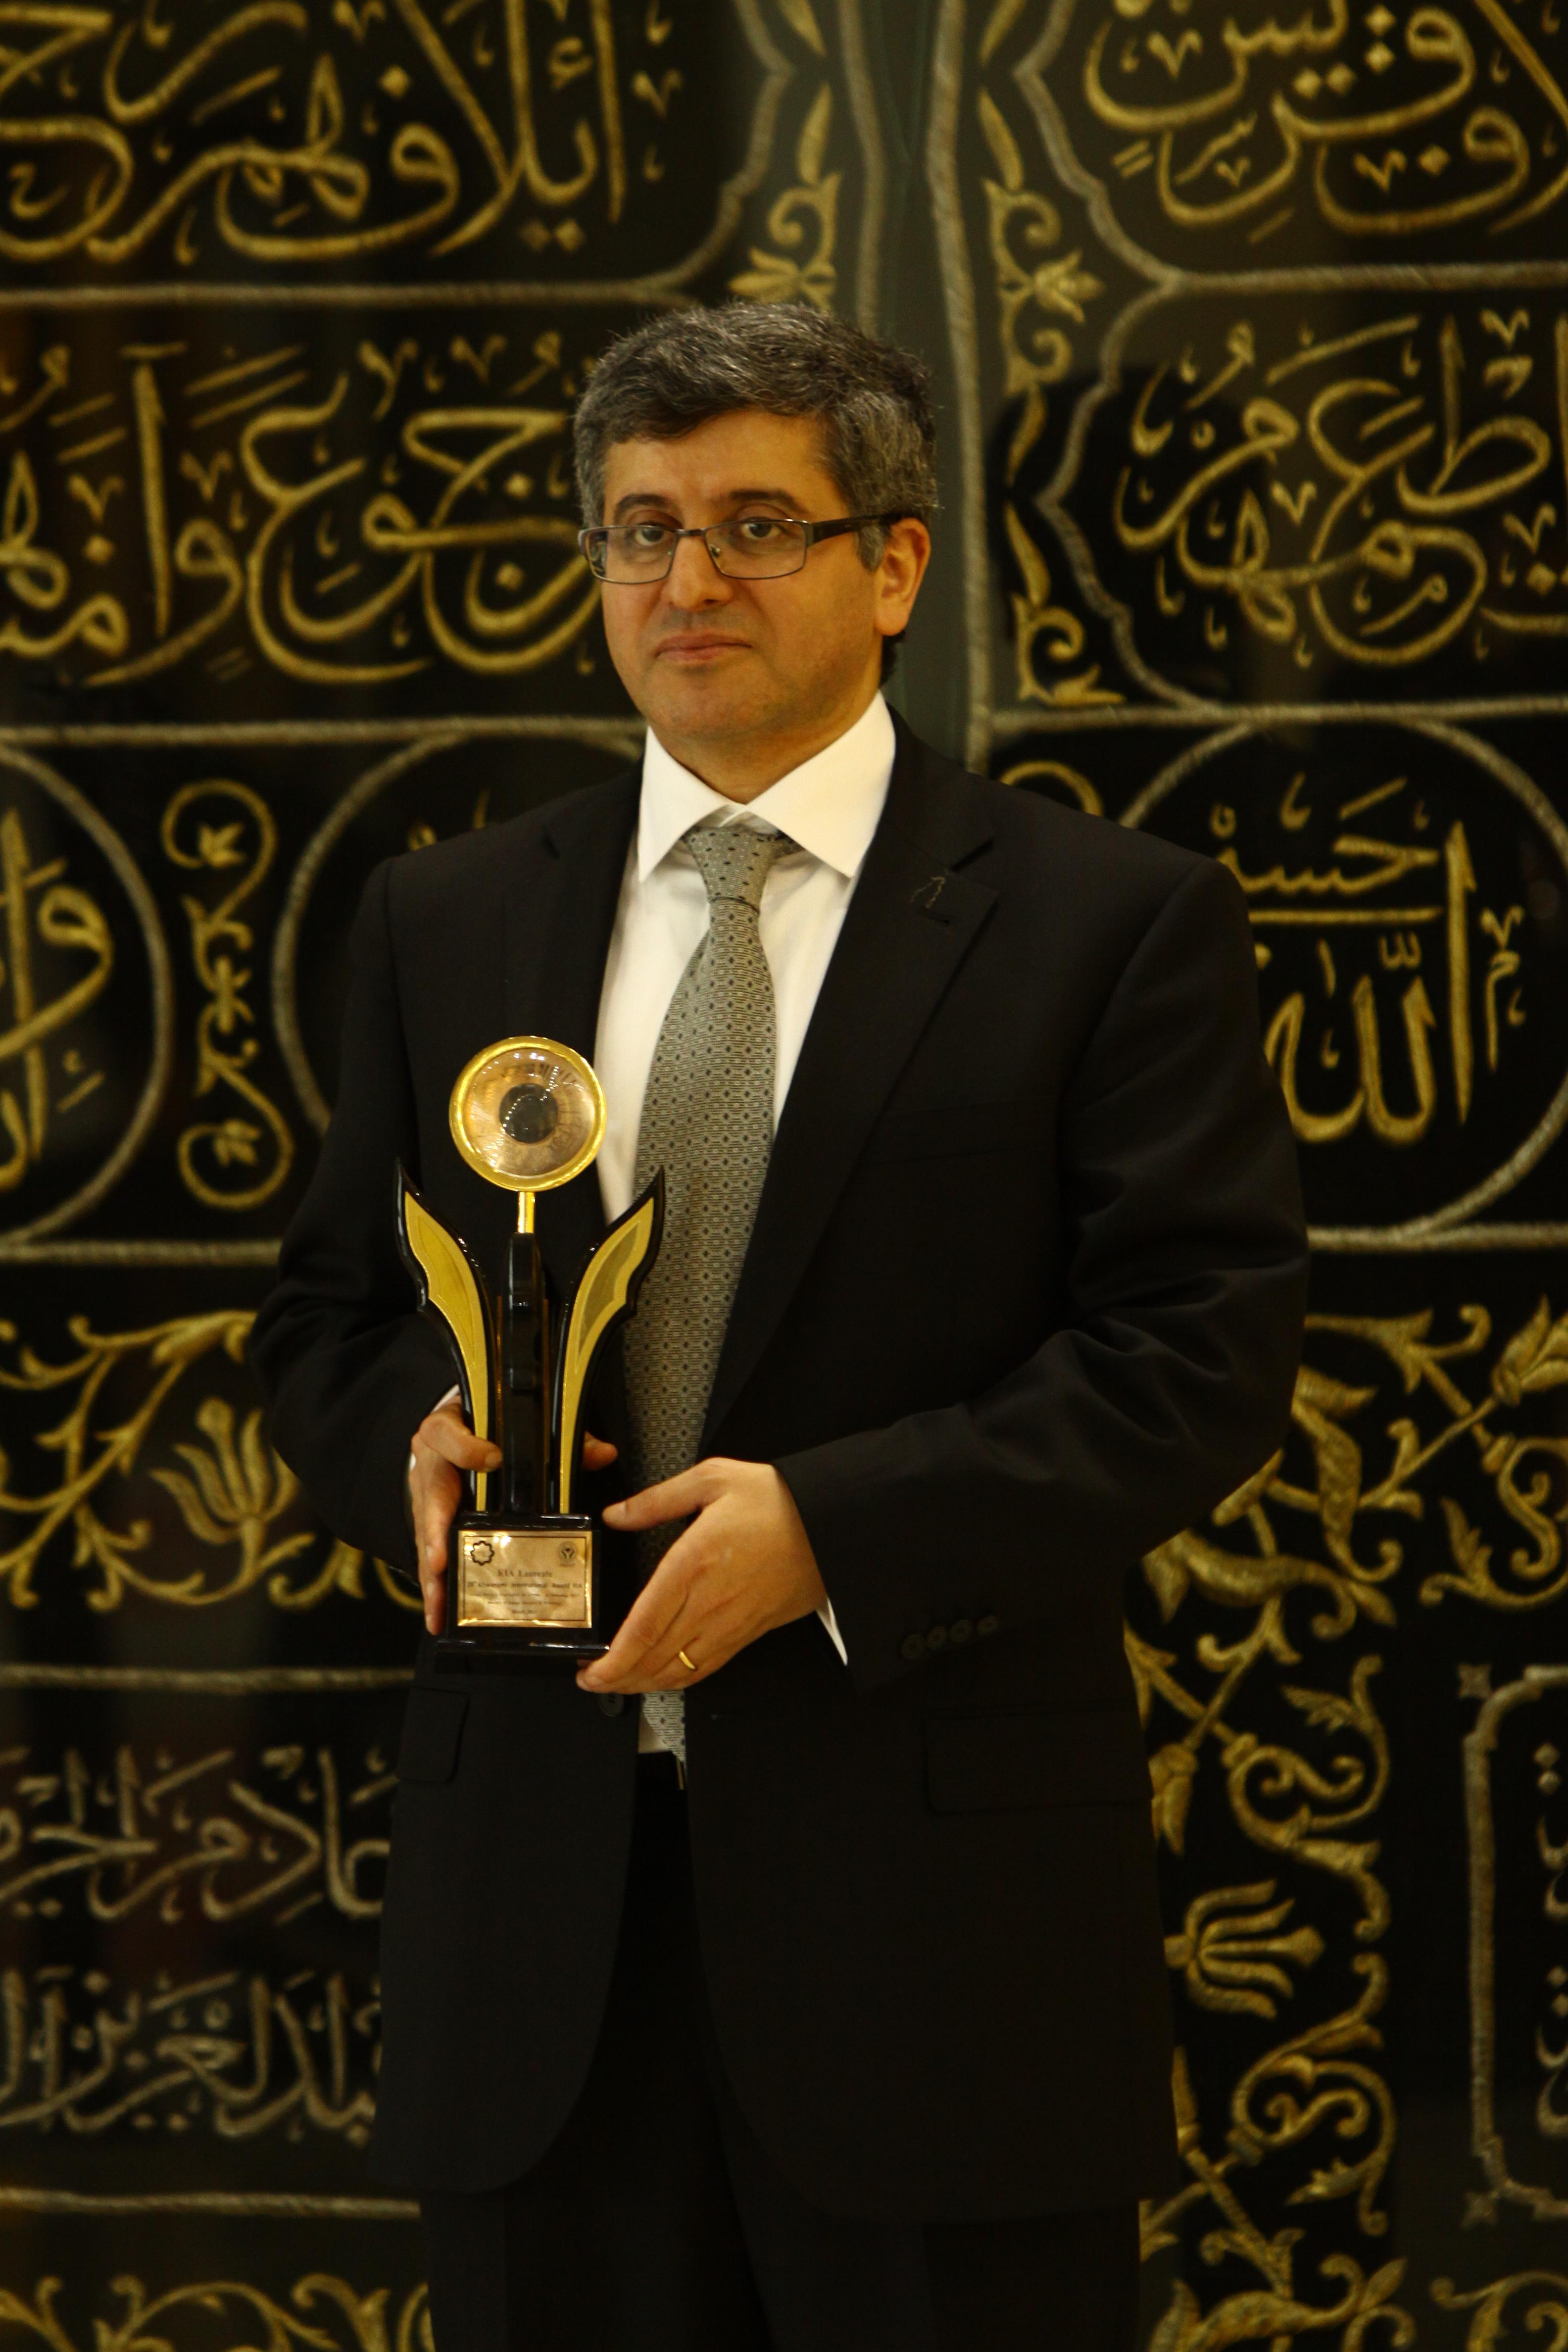 Habib Ammari